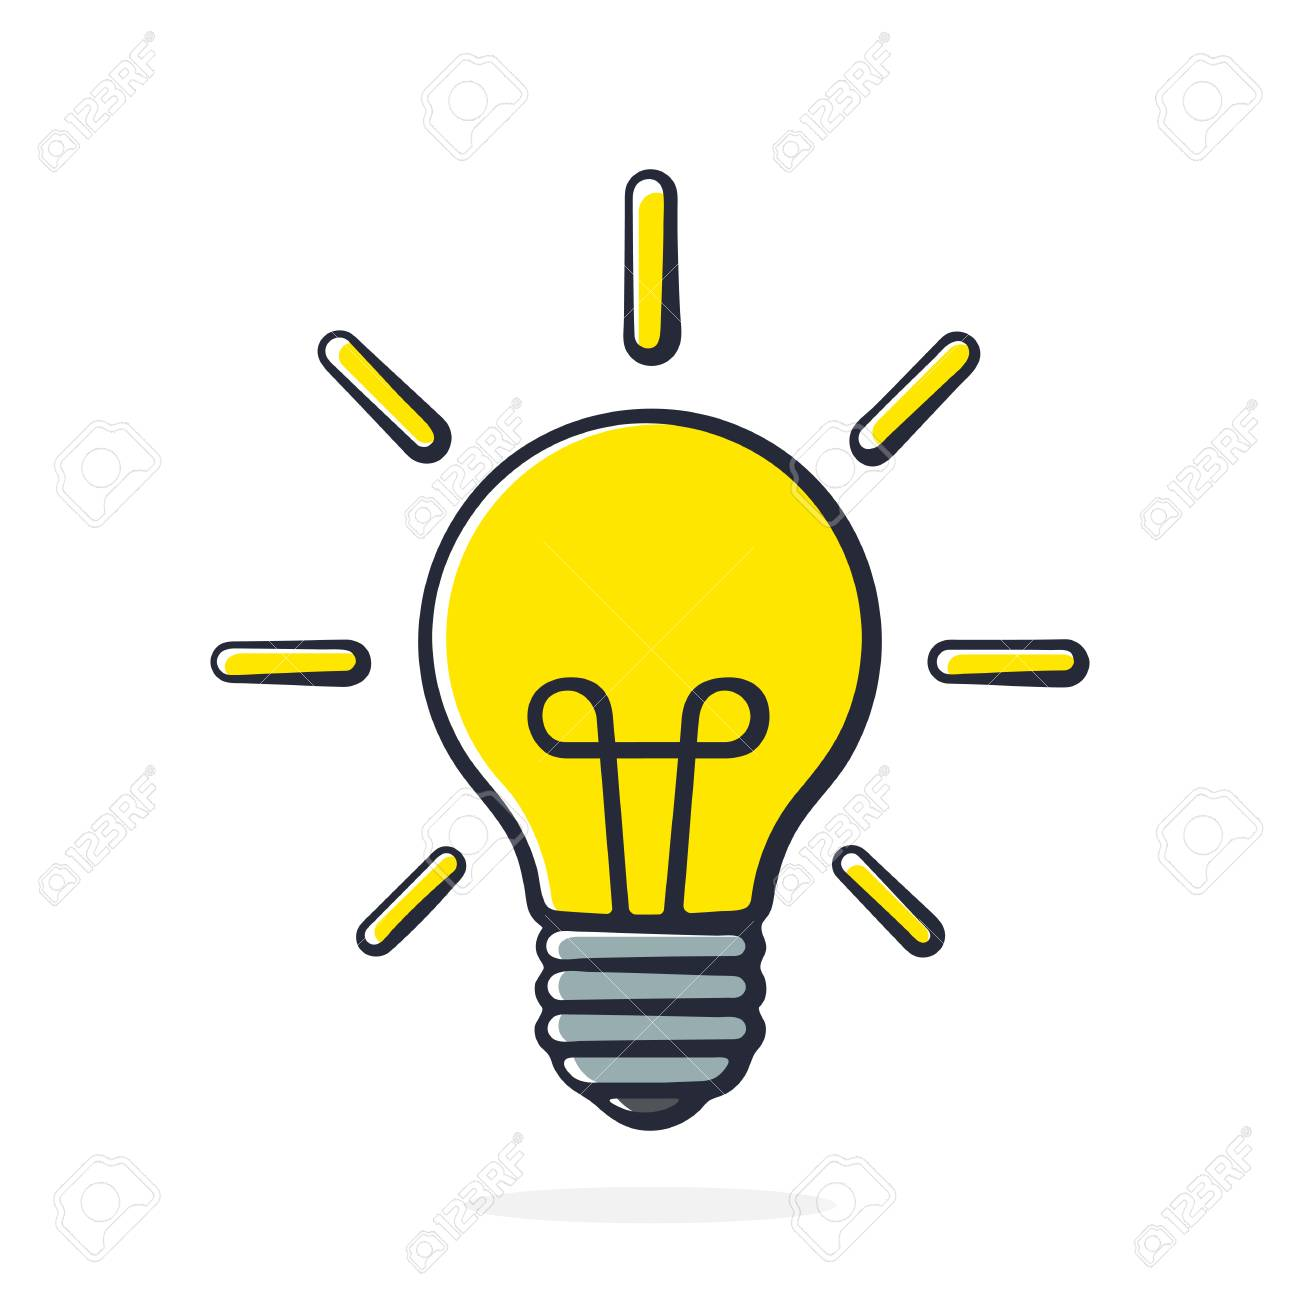 Illustration Vectorielle Ampoule A Faisceau Lumineux En Style Pop Art Dessin Avec Contour Isole Sur Fond Blanc Clip Art Libres De Droits Vecteurs Et Illustration Image 82167896